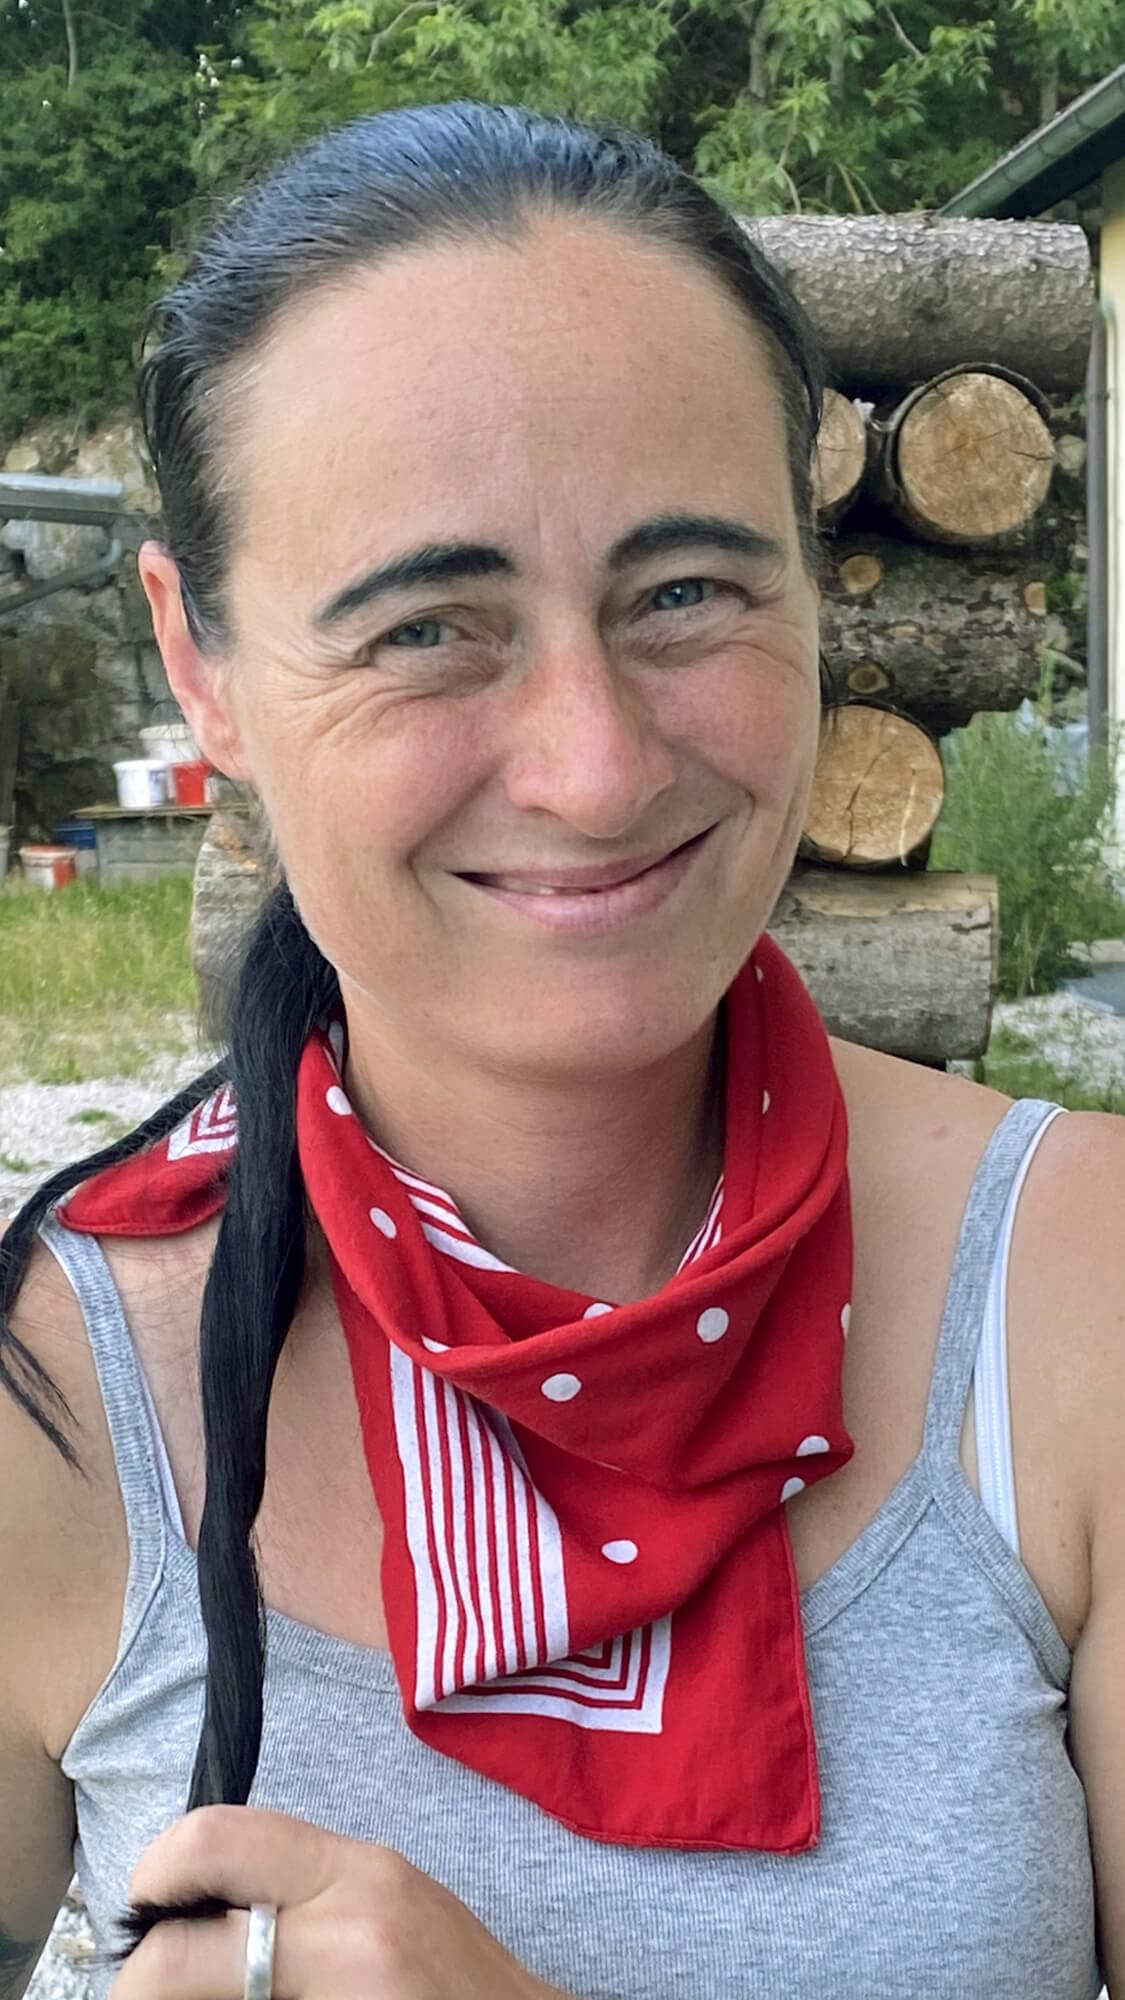 Carolin Ruppert